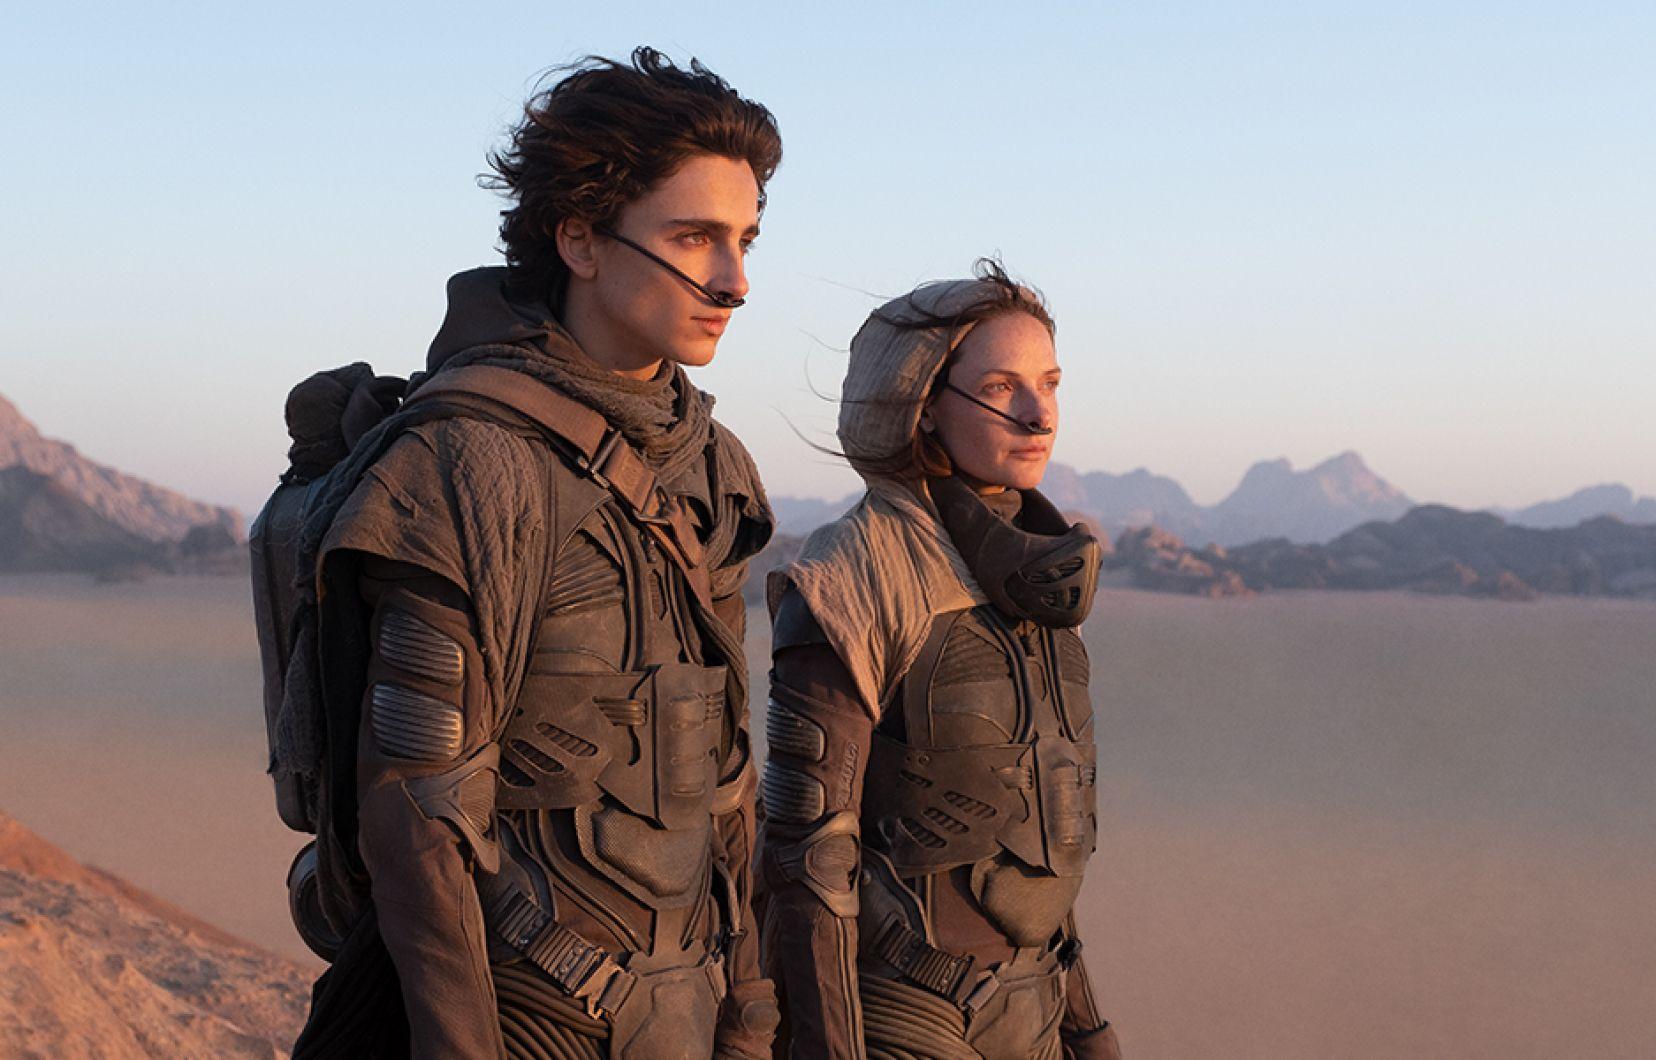 Dune : Le space opera poétique, aux côtés de Timothée Chalamet, qui ne vous laissera pas indifférent !